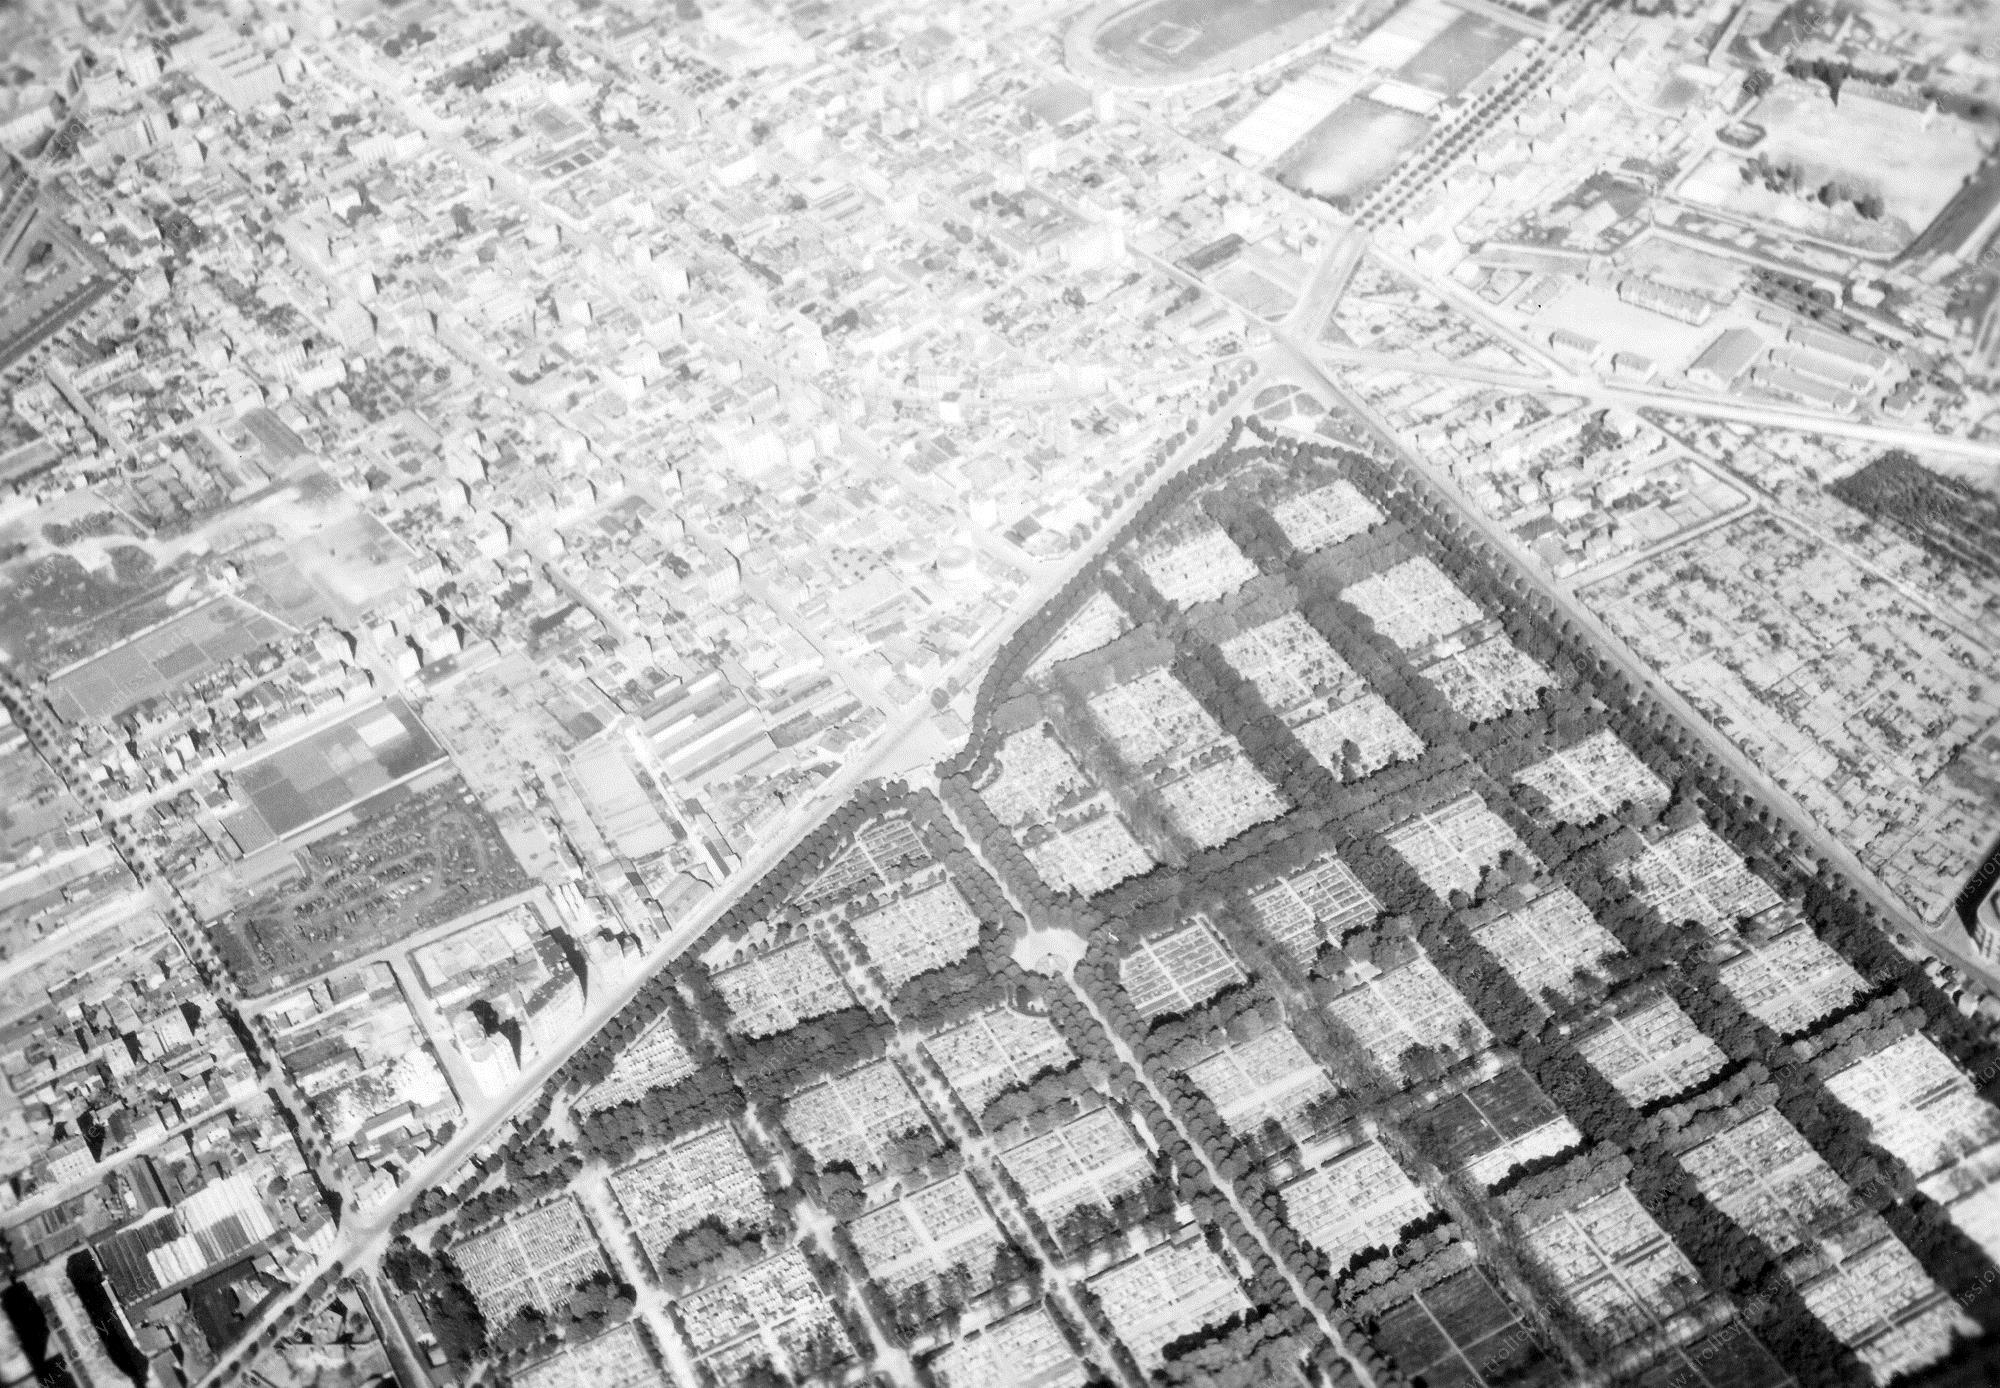 Paris Cimetière parisien de Bagneux - Photo aérienne ancienne